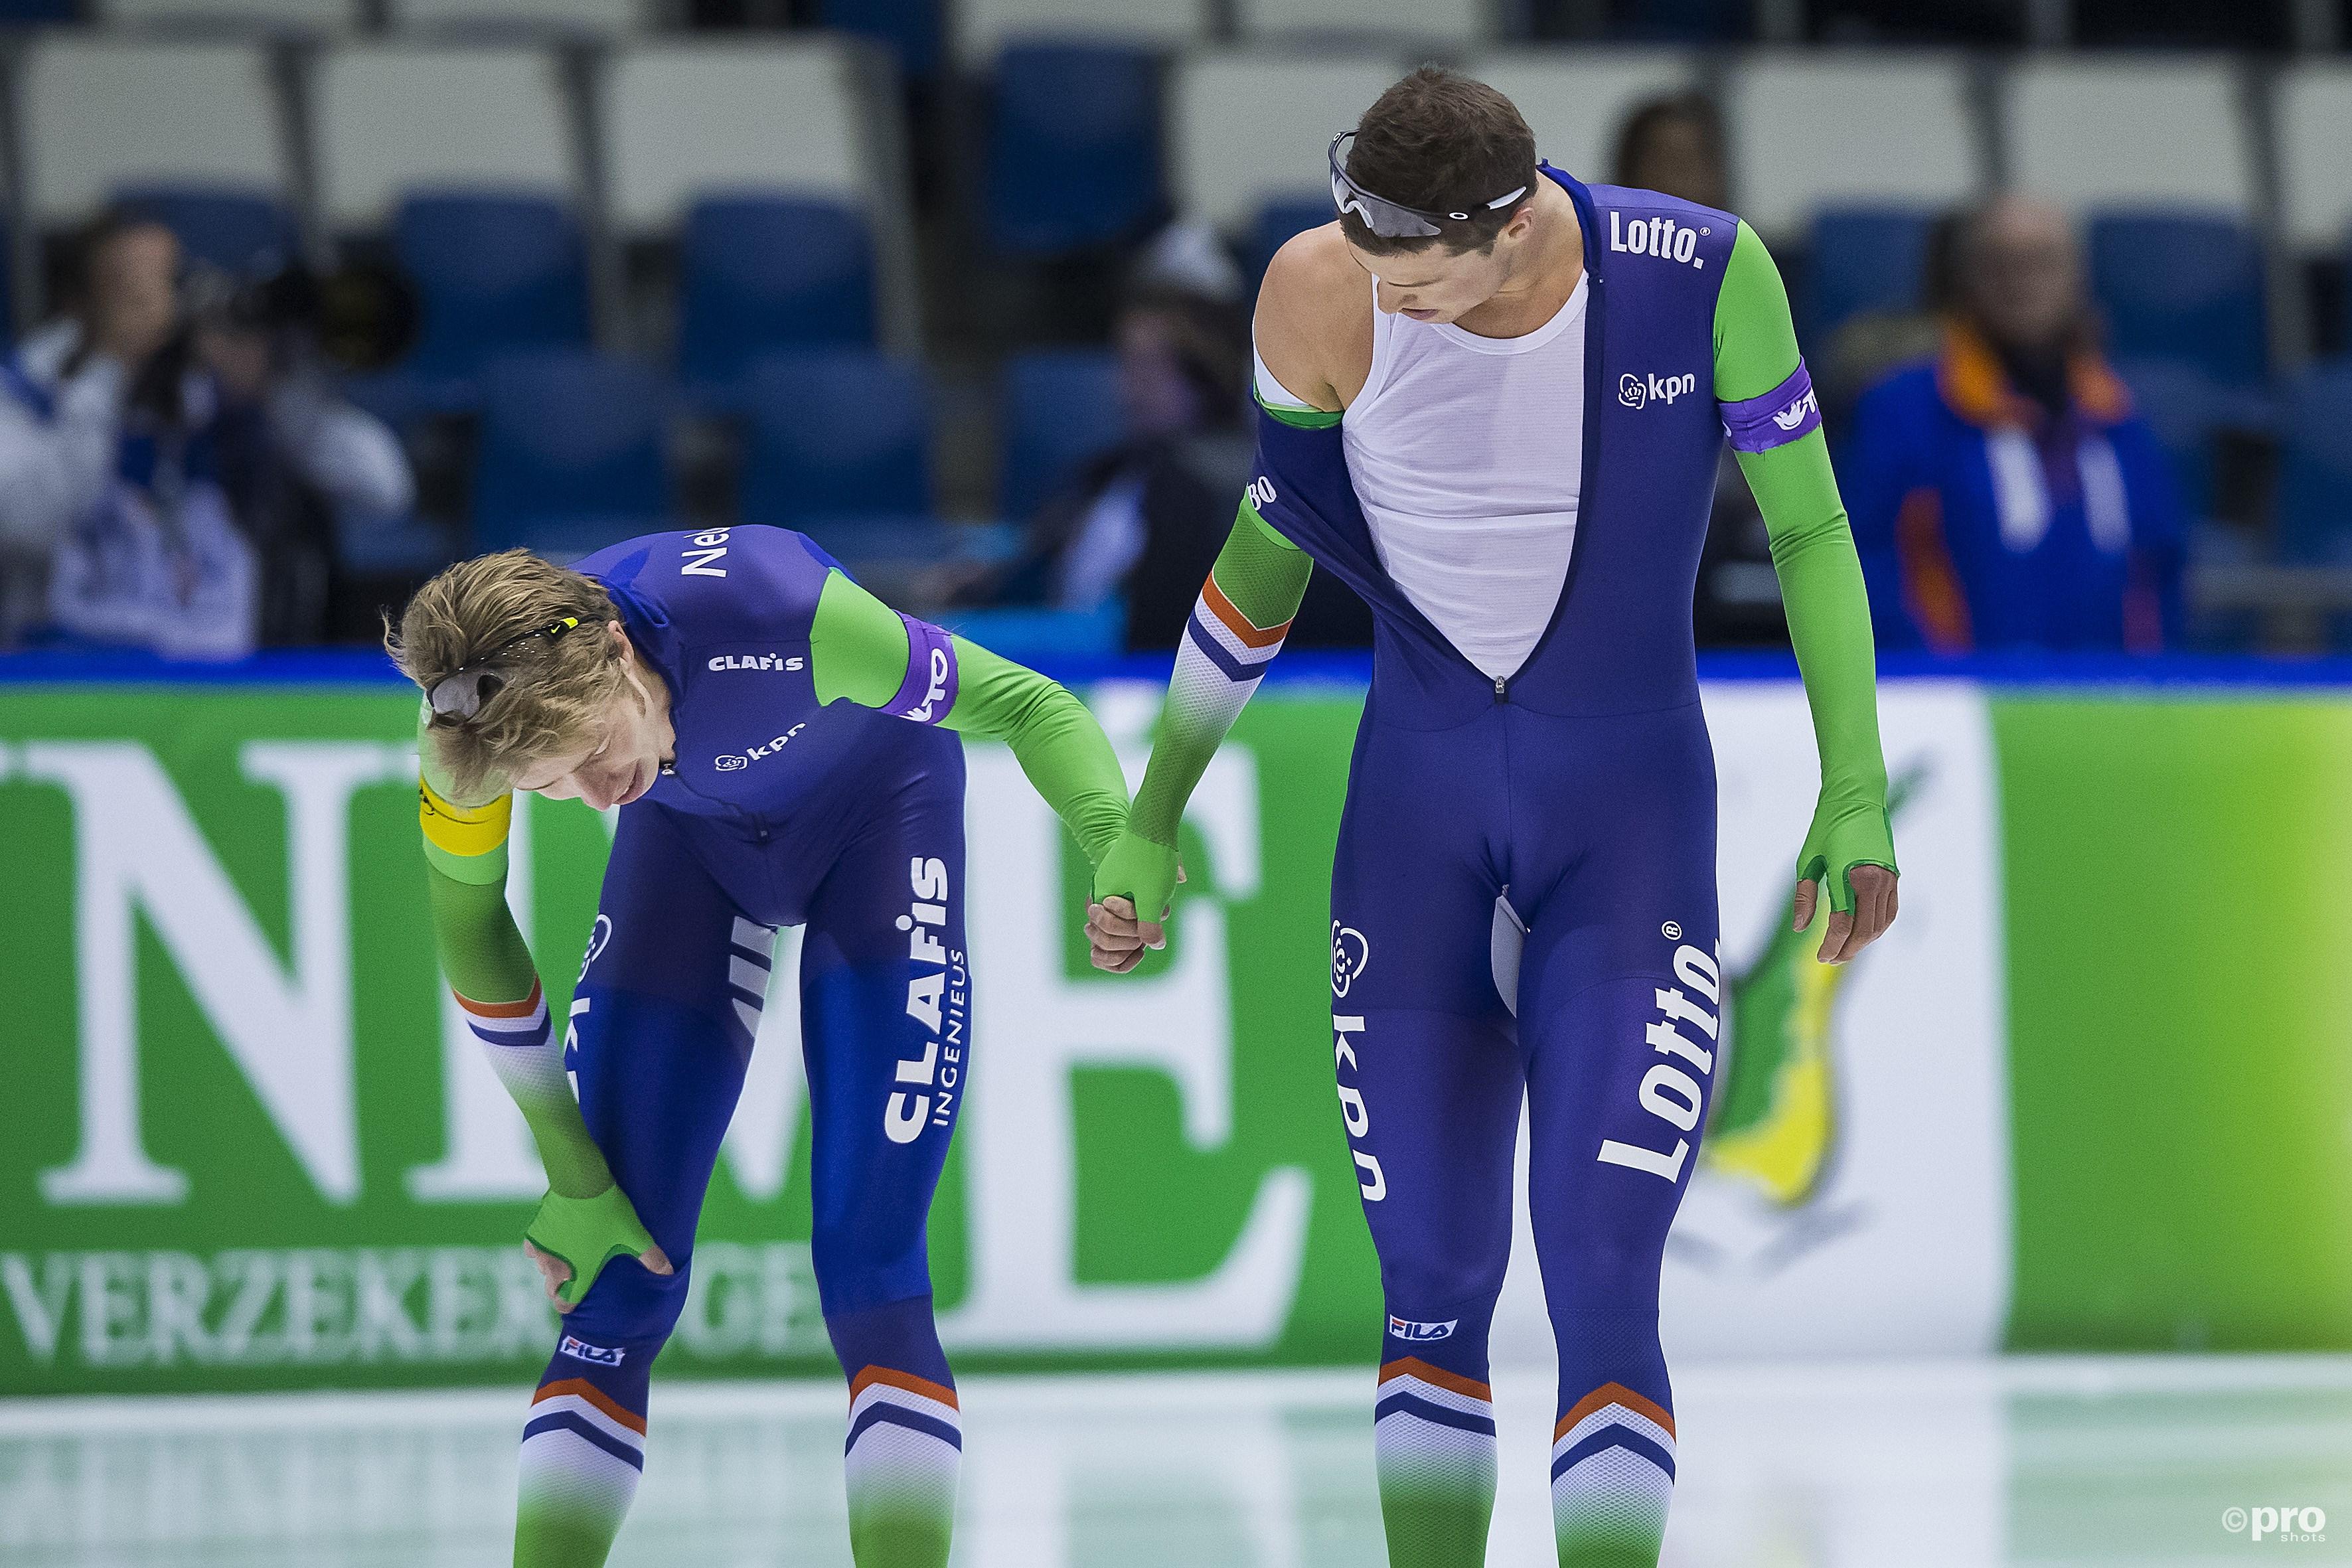 Sven Kramer en Jorrit Bergsma hebben al de nodige onderlinge duels uitgevochten en donderdag is het weer zover (Pro Shots/Erik Pasman)